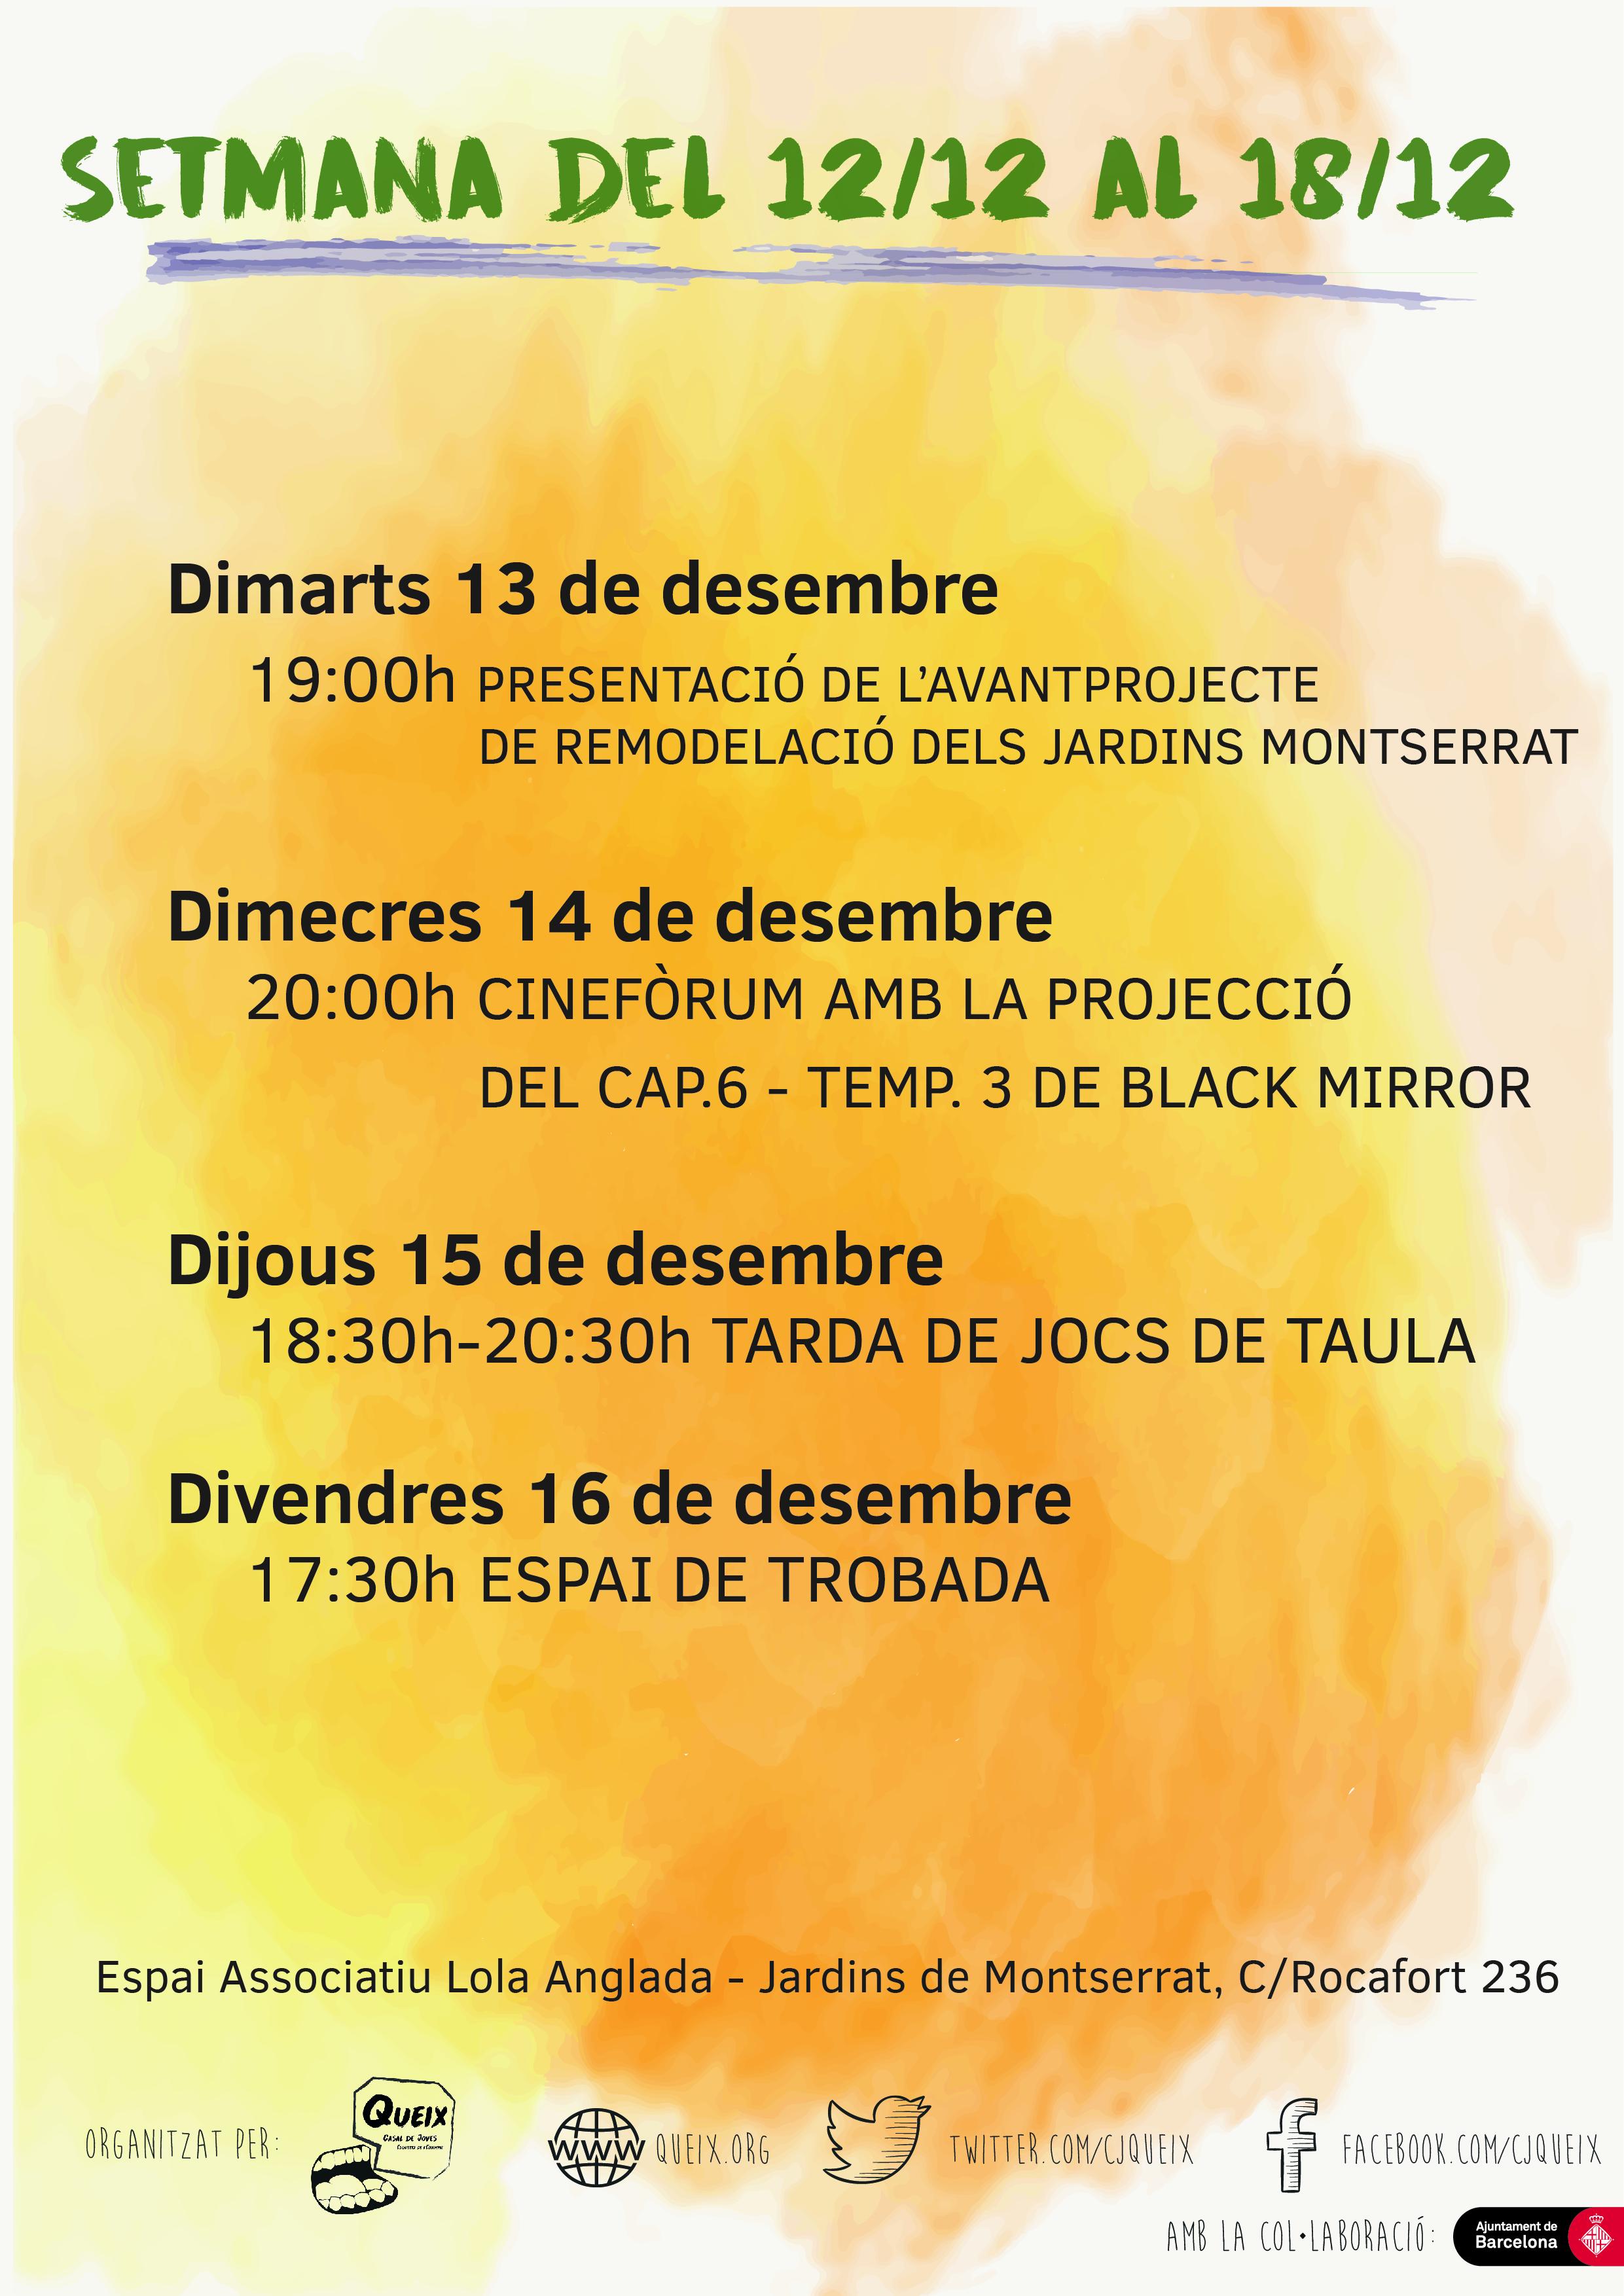 Planning de la setmana del 12/12 a 18/12